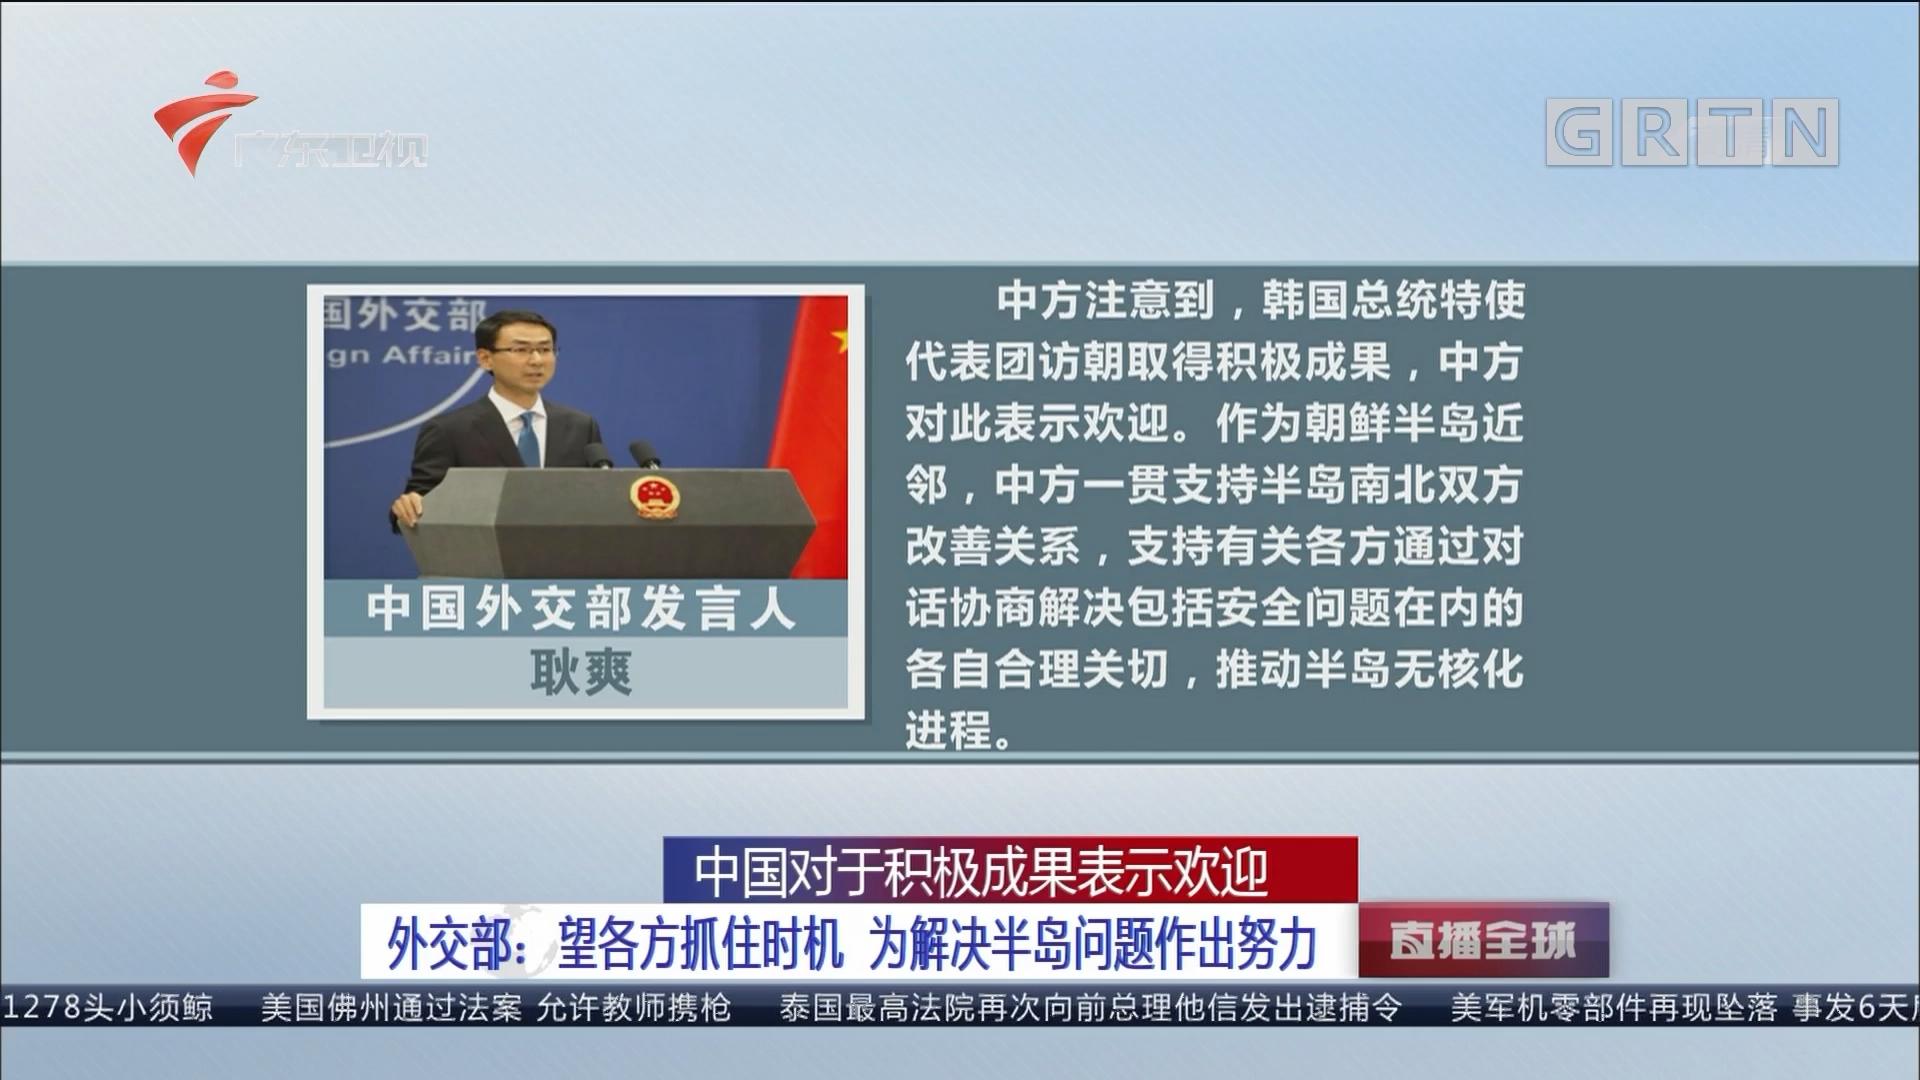 中国对于积极成果表示欢迎 外交部:望各方抓住时机 为解决半岛问题作出努力